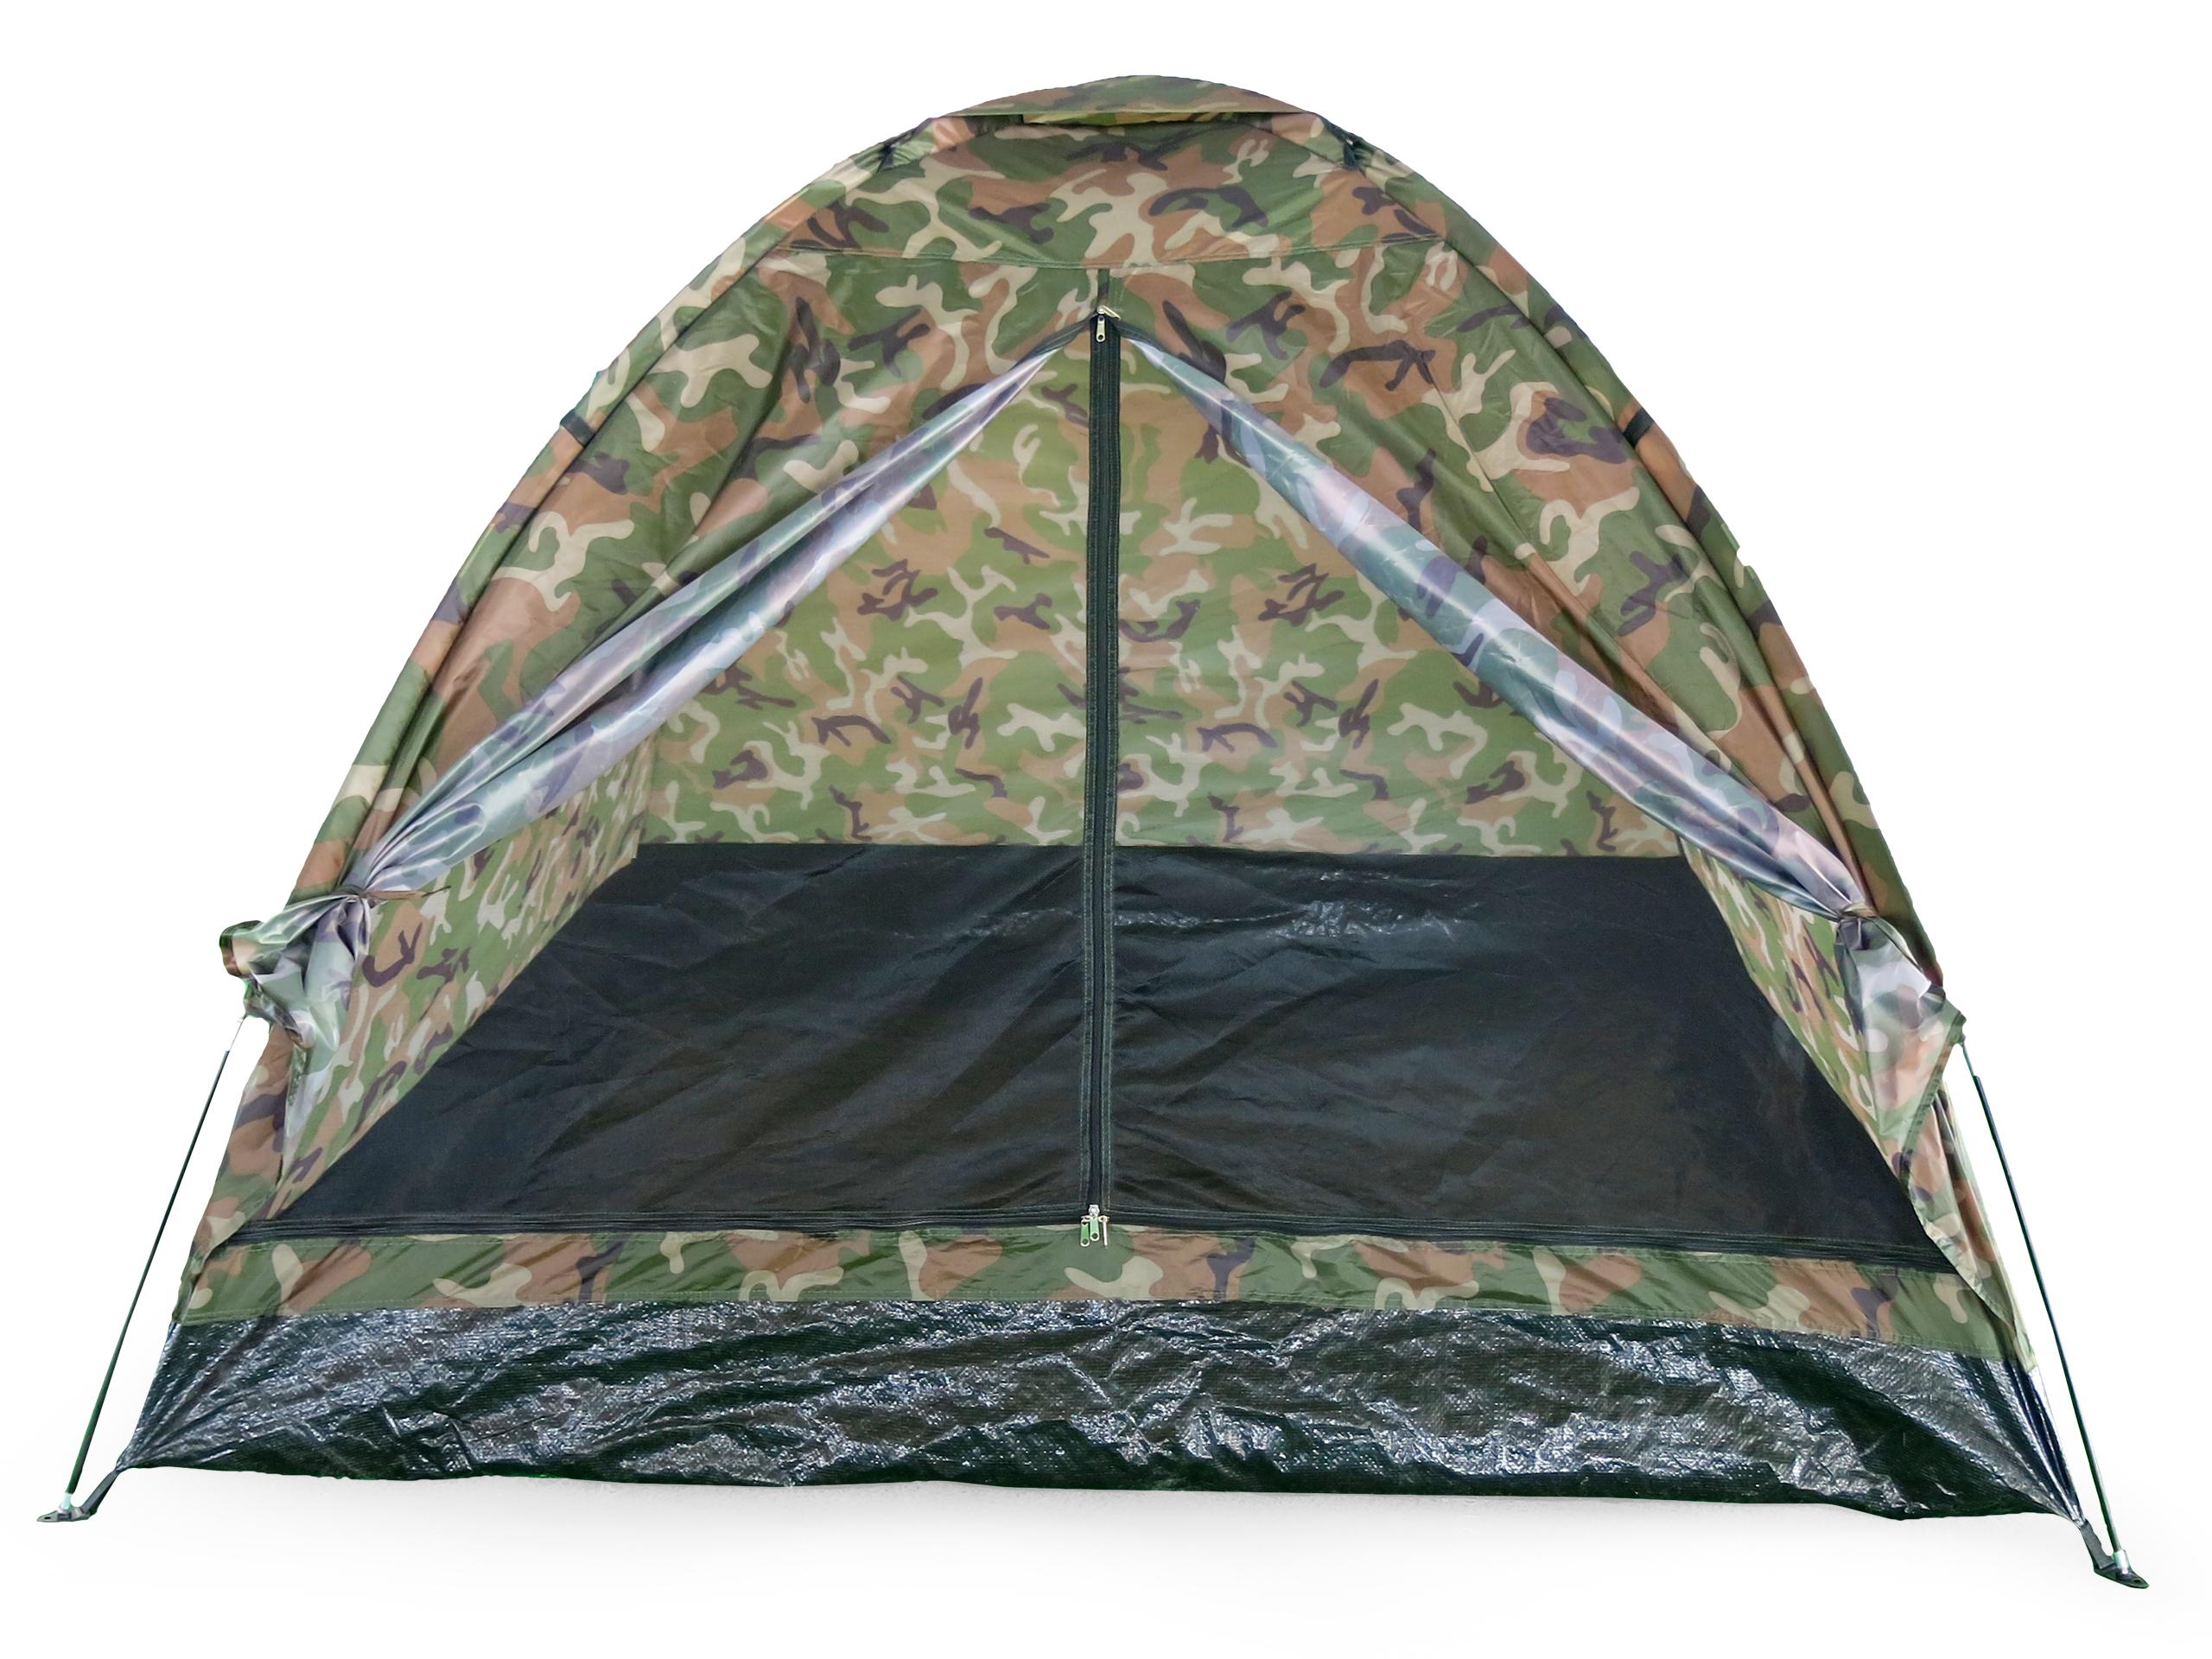 Namiot turystyczny 4os. 200x200 cm moskitiera sklep